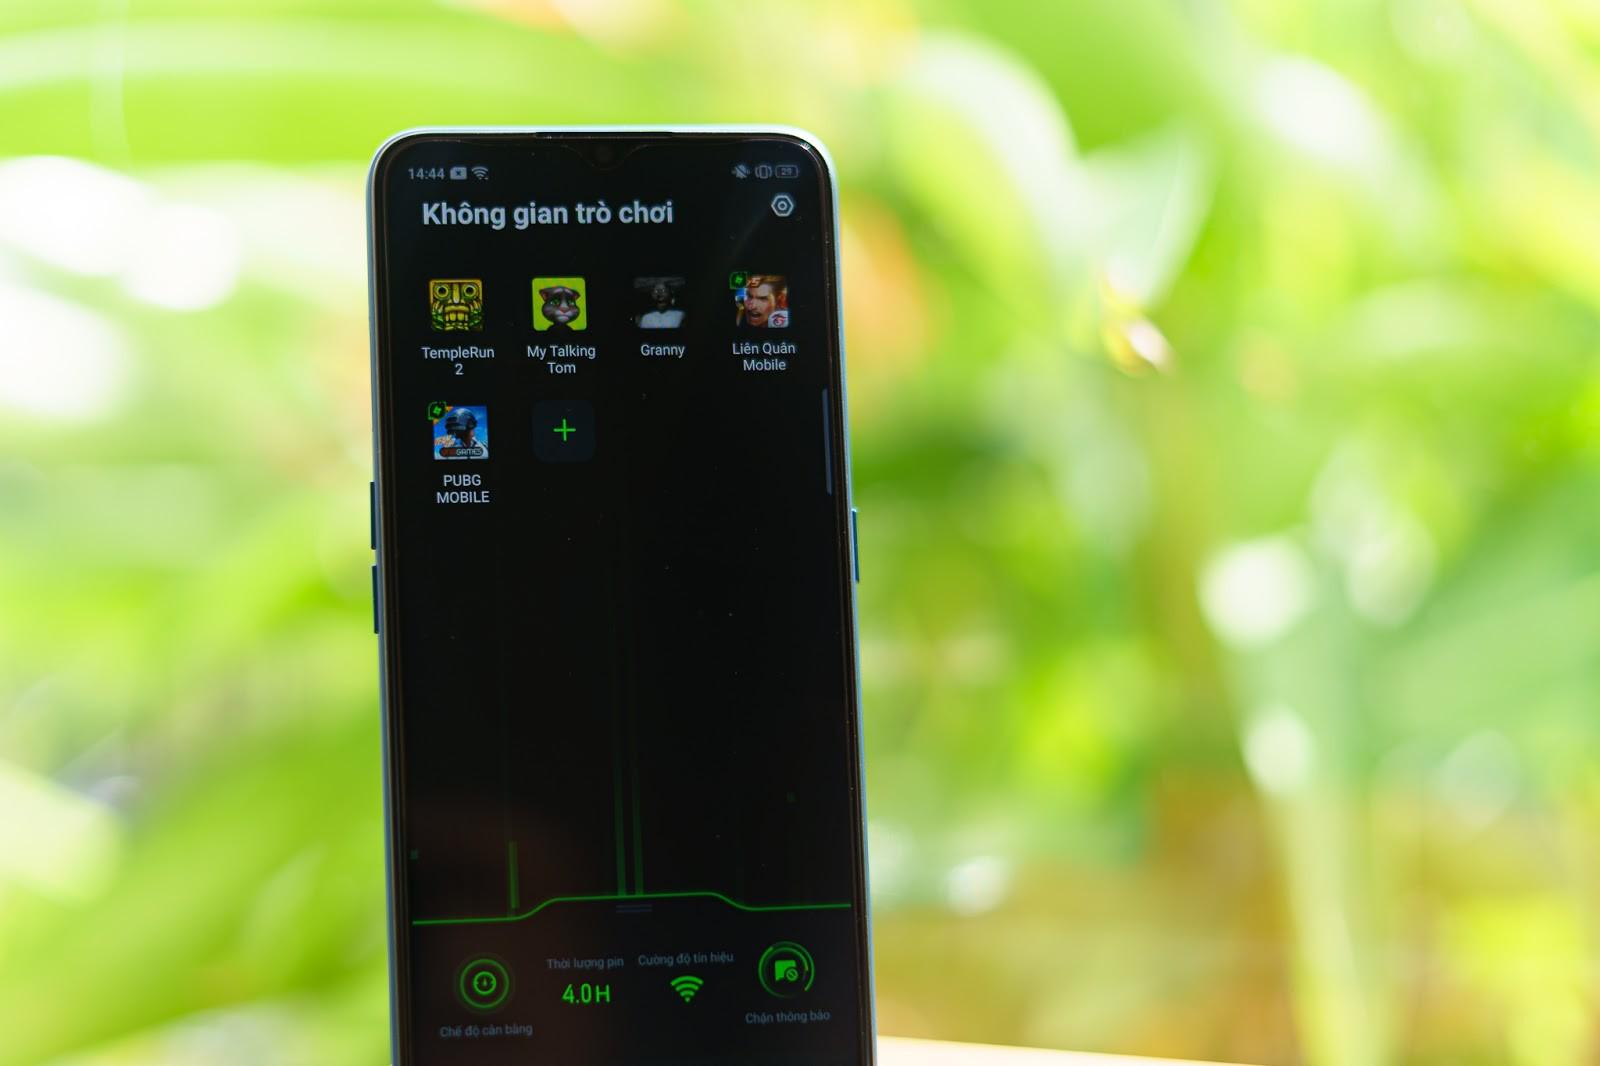 VZN News: Smartphone tầm trung OPPO A9 2020 sẽ mang đến những trải nghiệm tối đa nào với viên pin khủng 5.000 mAh? - Ảnh 5.